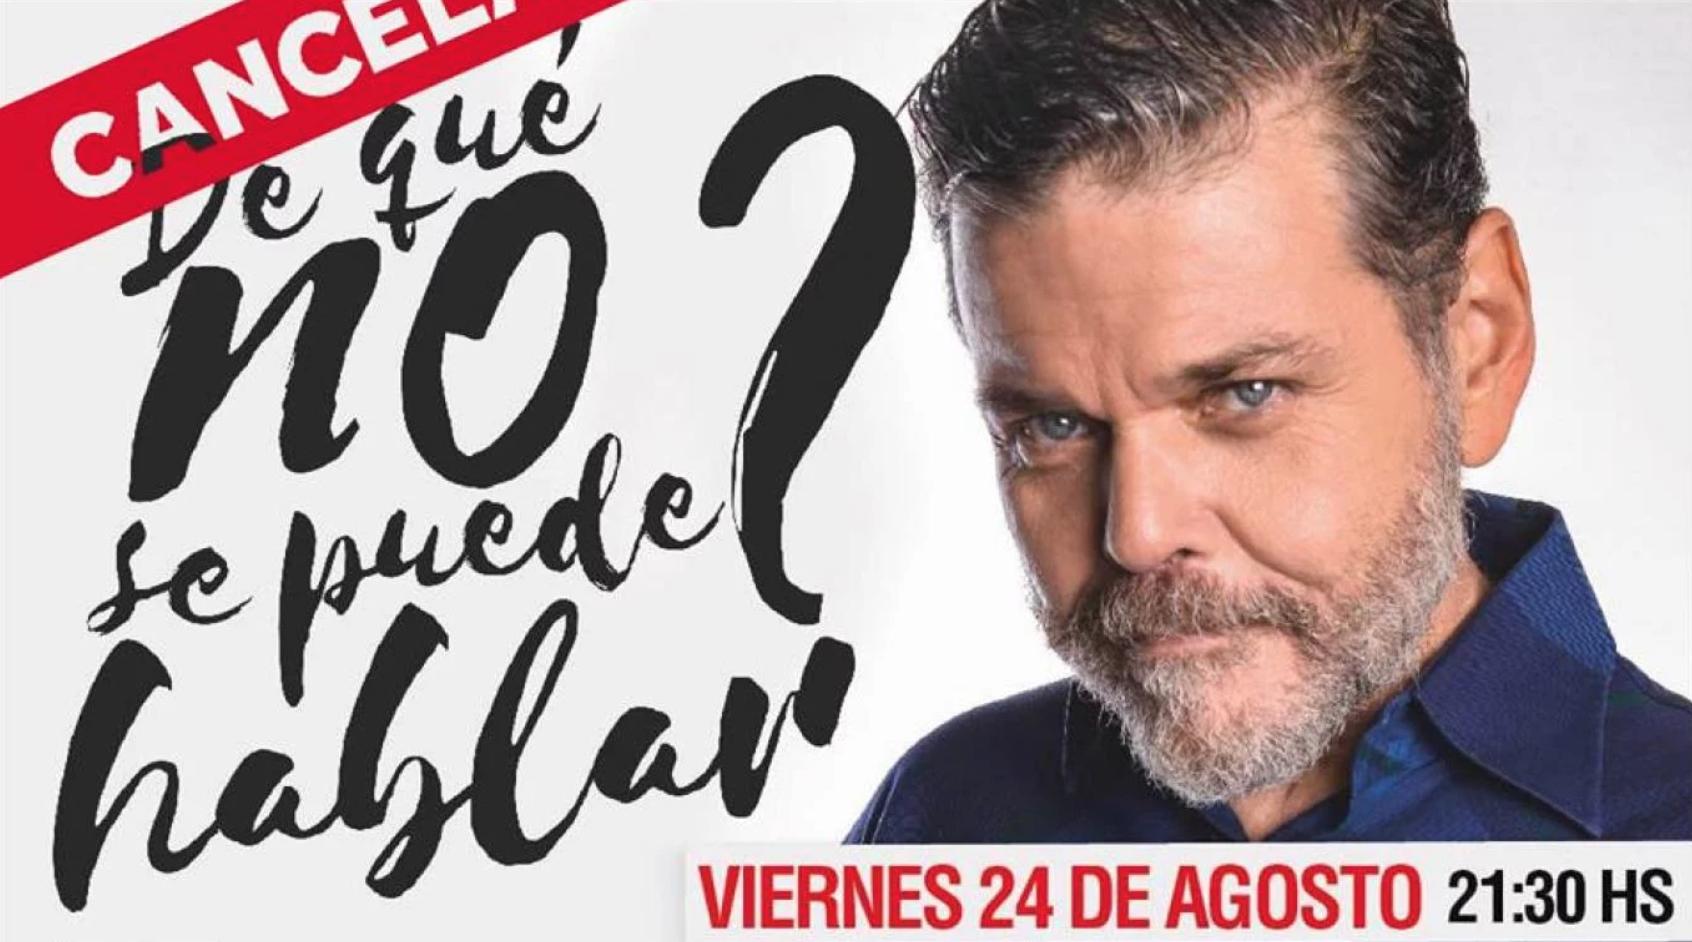 Cancelan shows de Alfredo Casero: La venganza tiene forma de censura